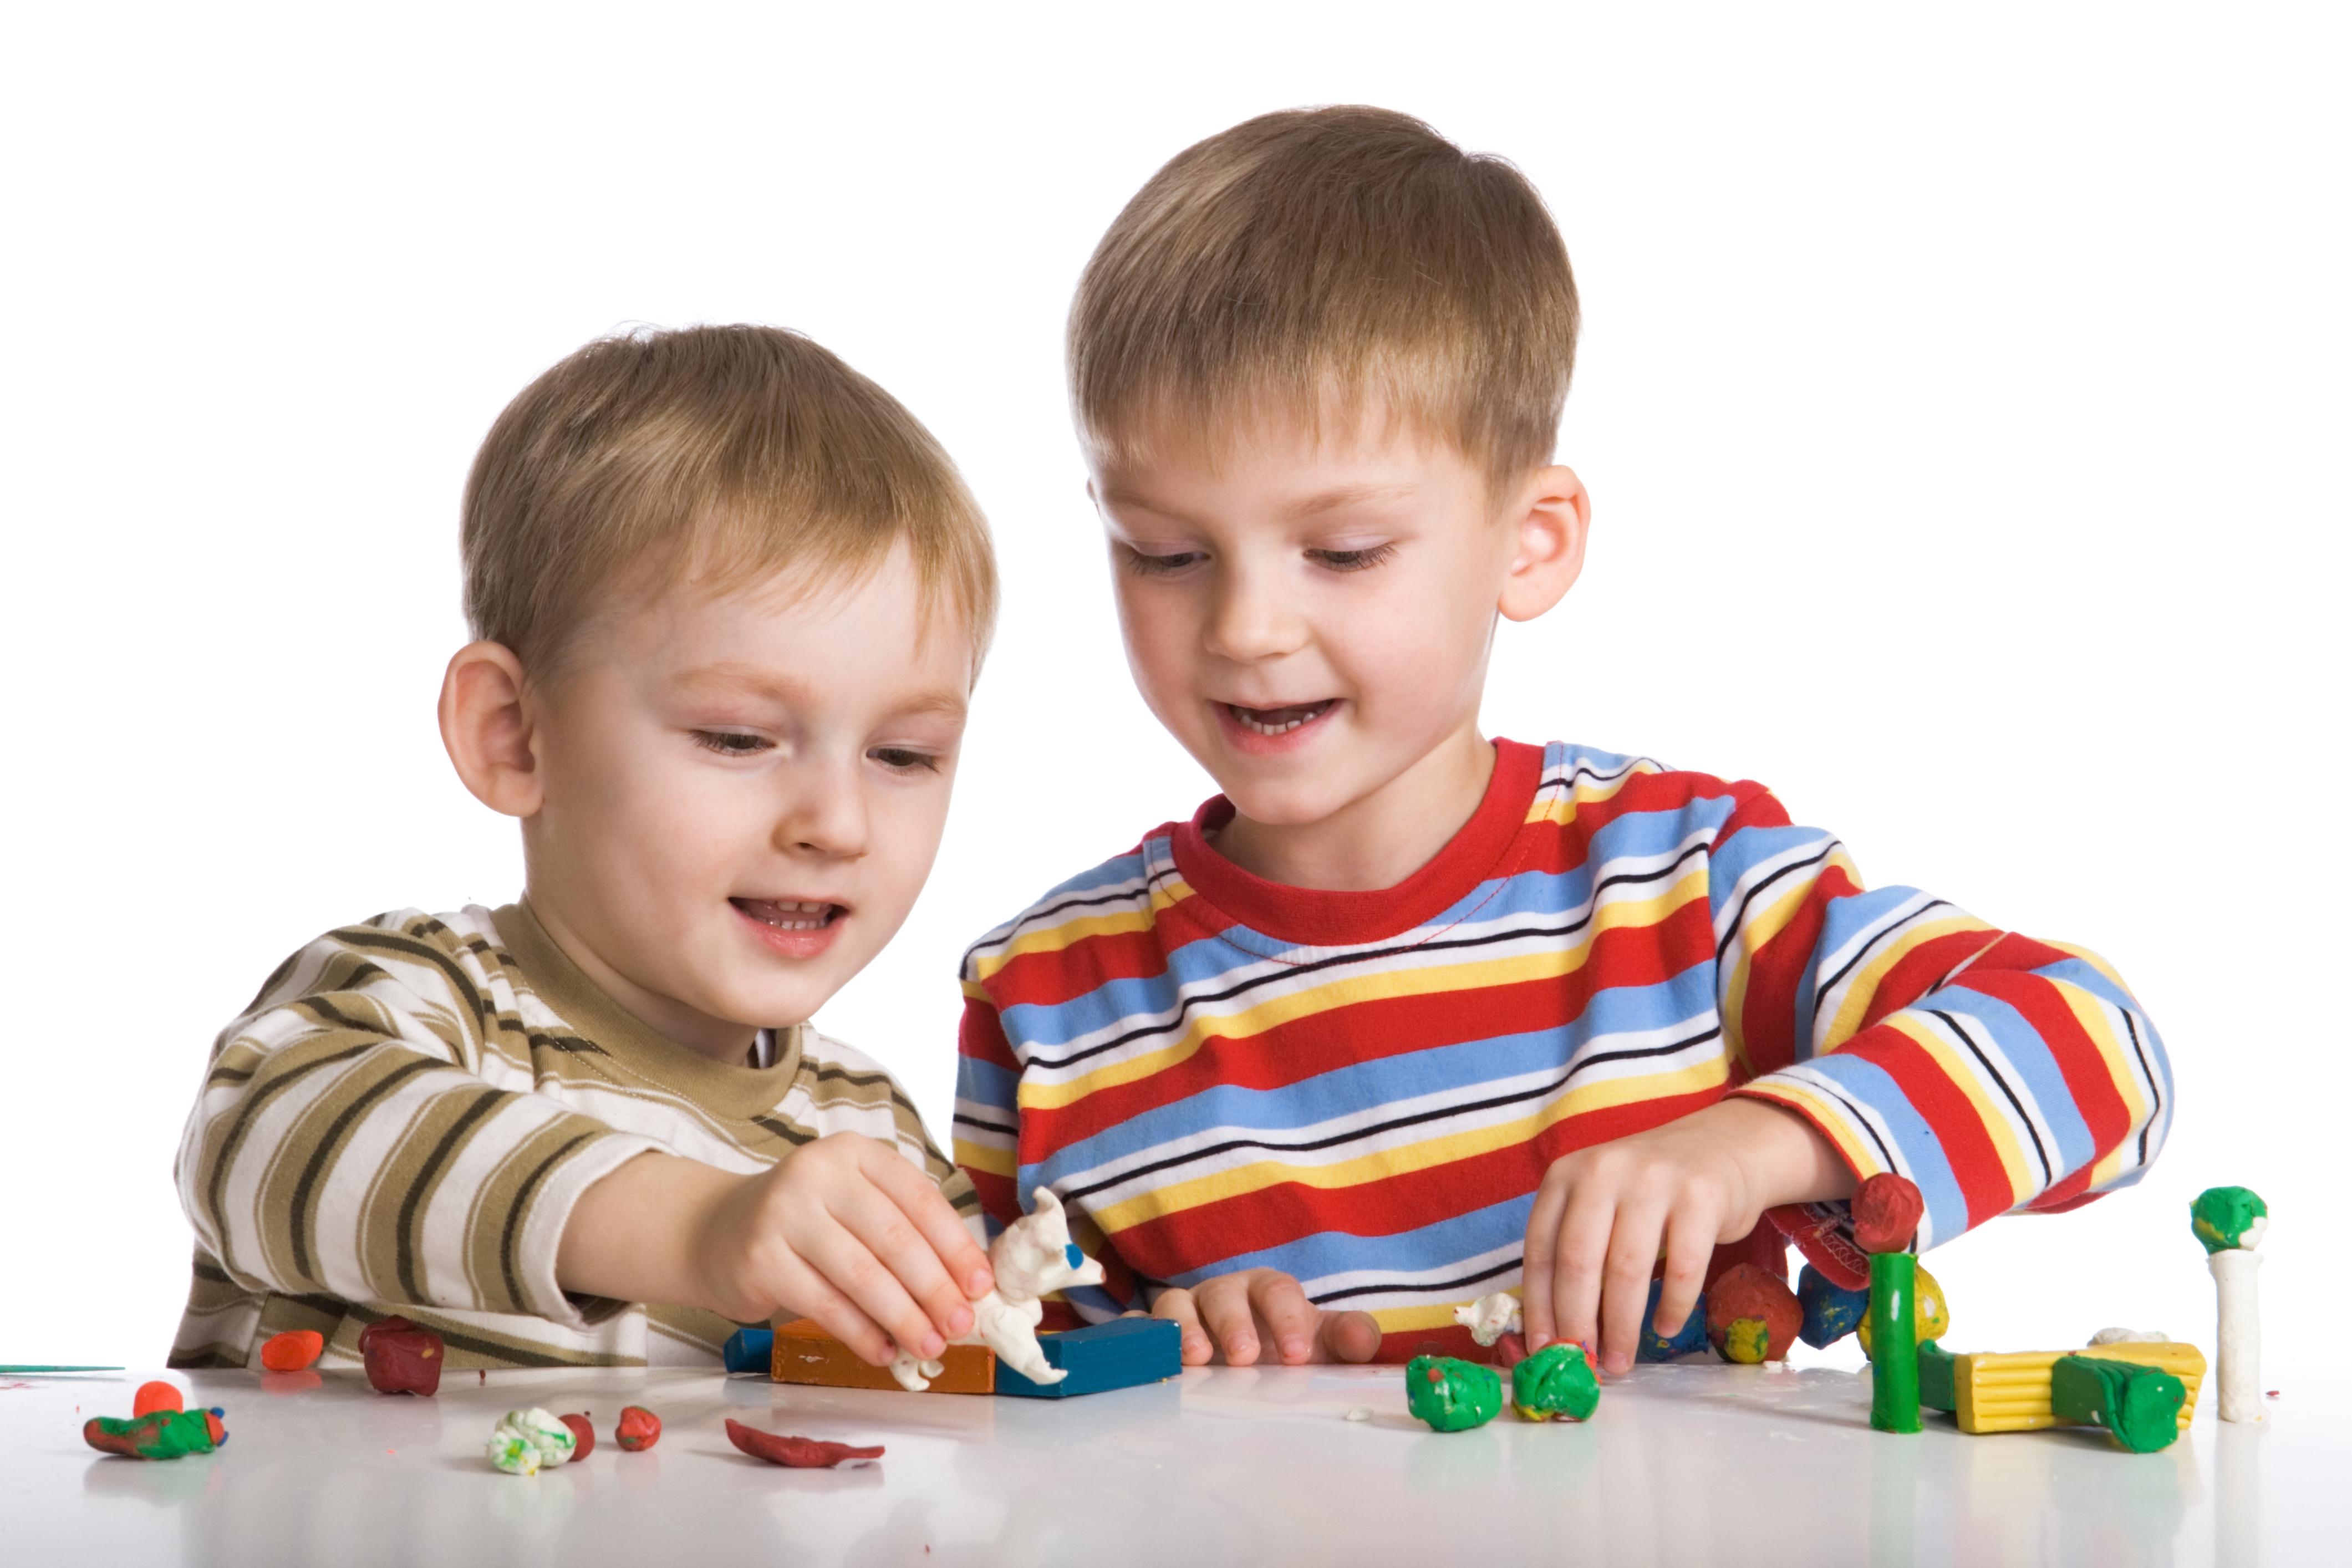 Hintergrundbilder Kinder Junge Spielt Zwei Hand Spielzeuge 4242x2828 jungen spielen 2